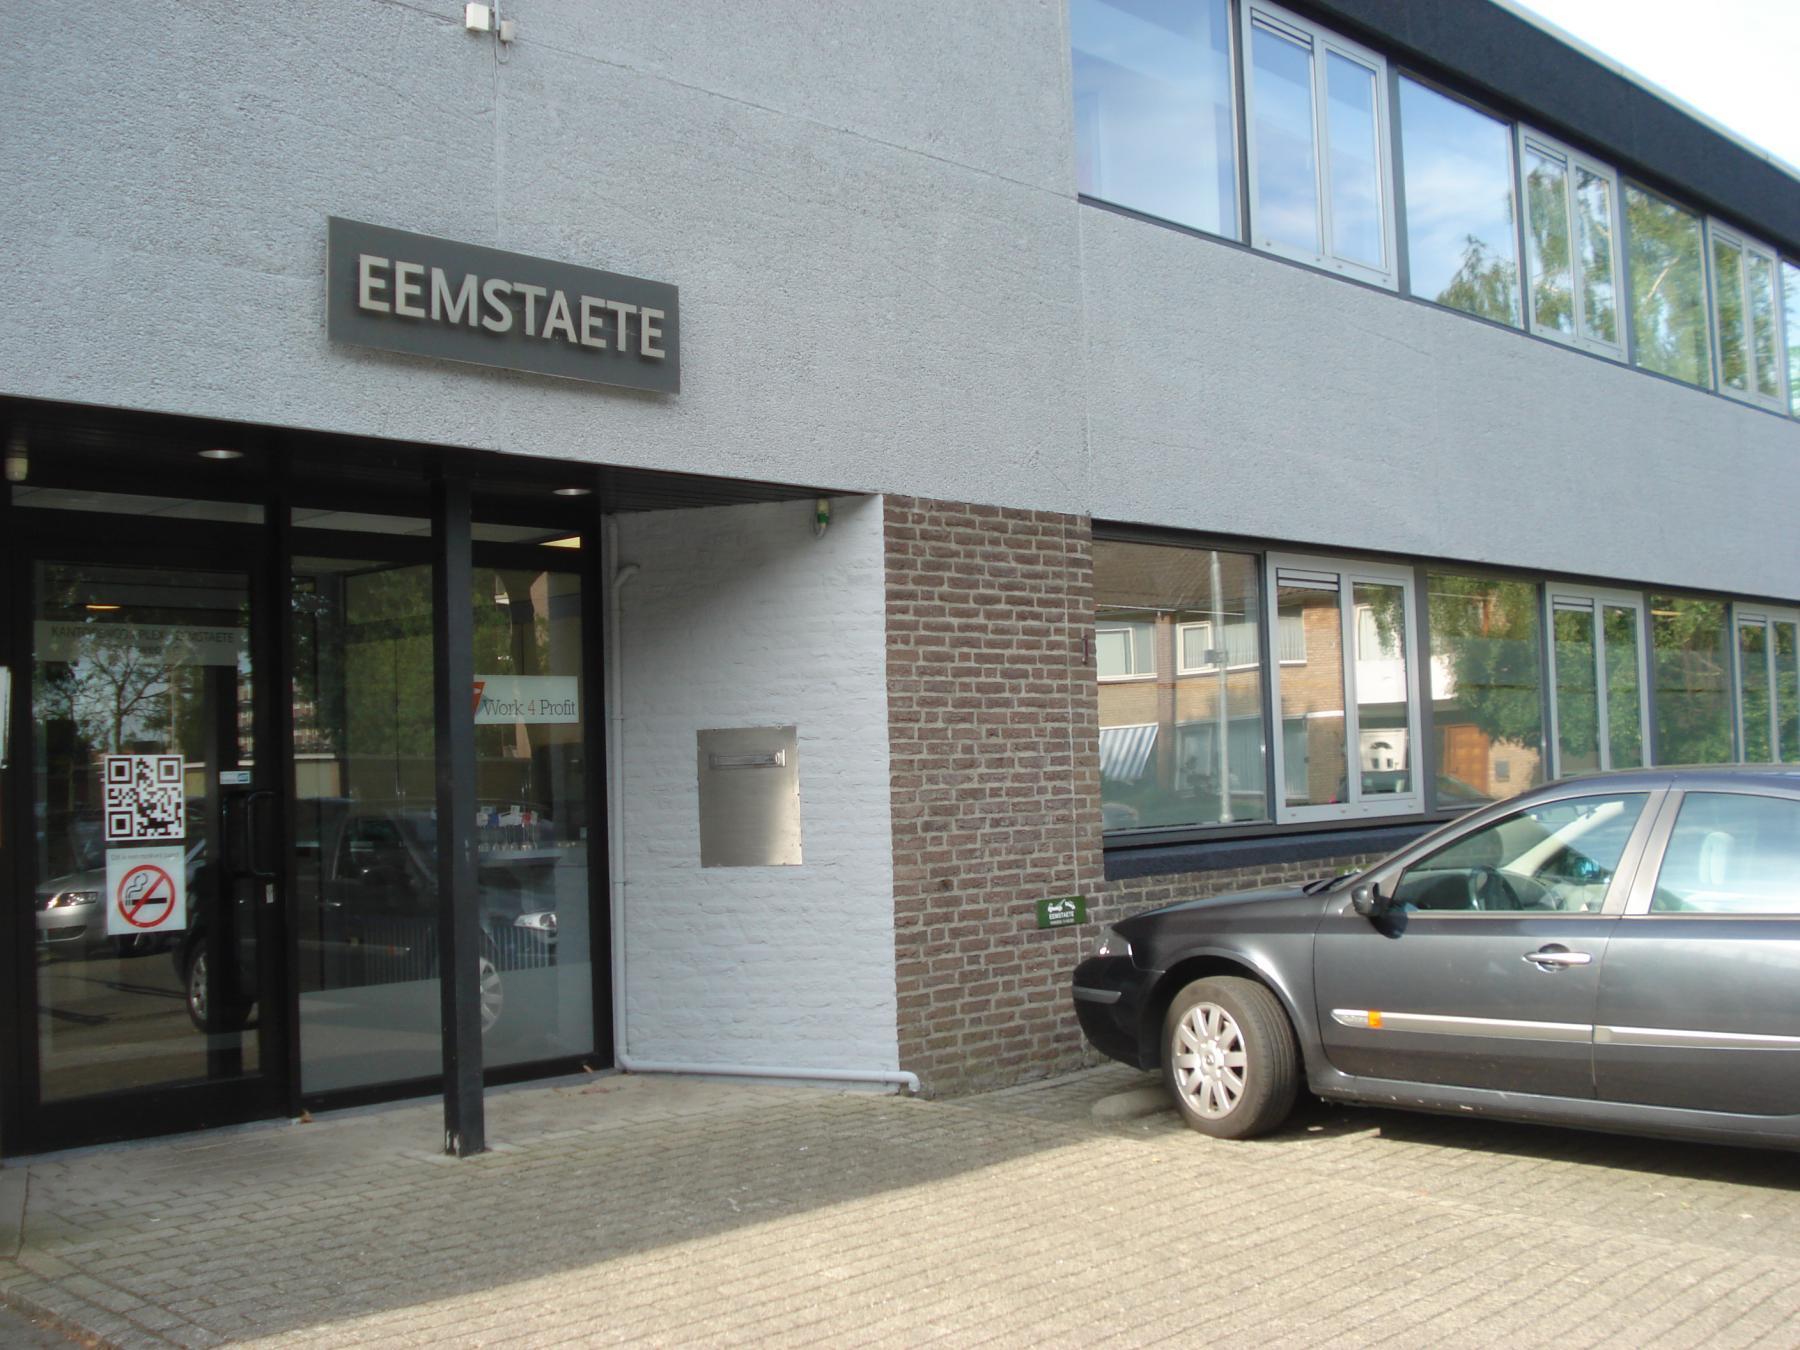 eemweg denbosch 1 9